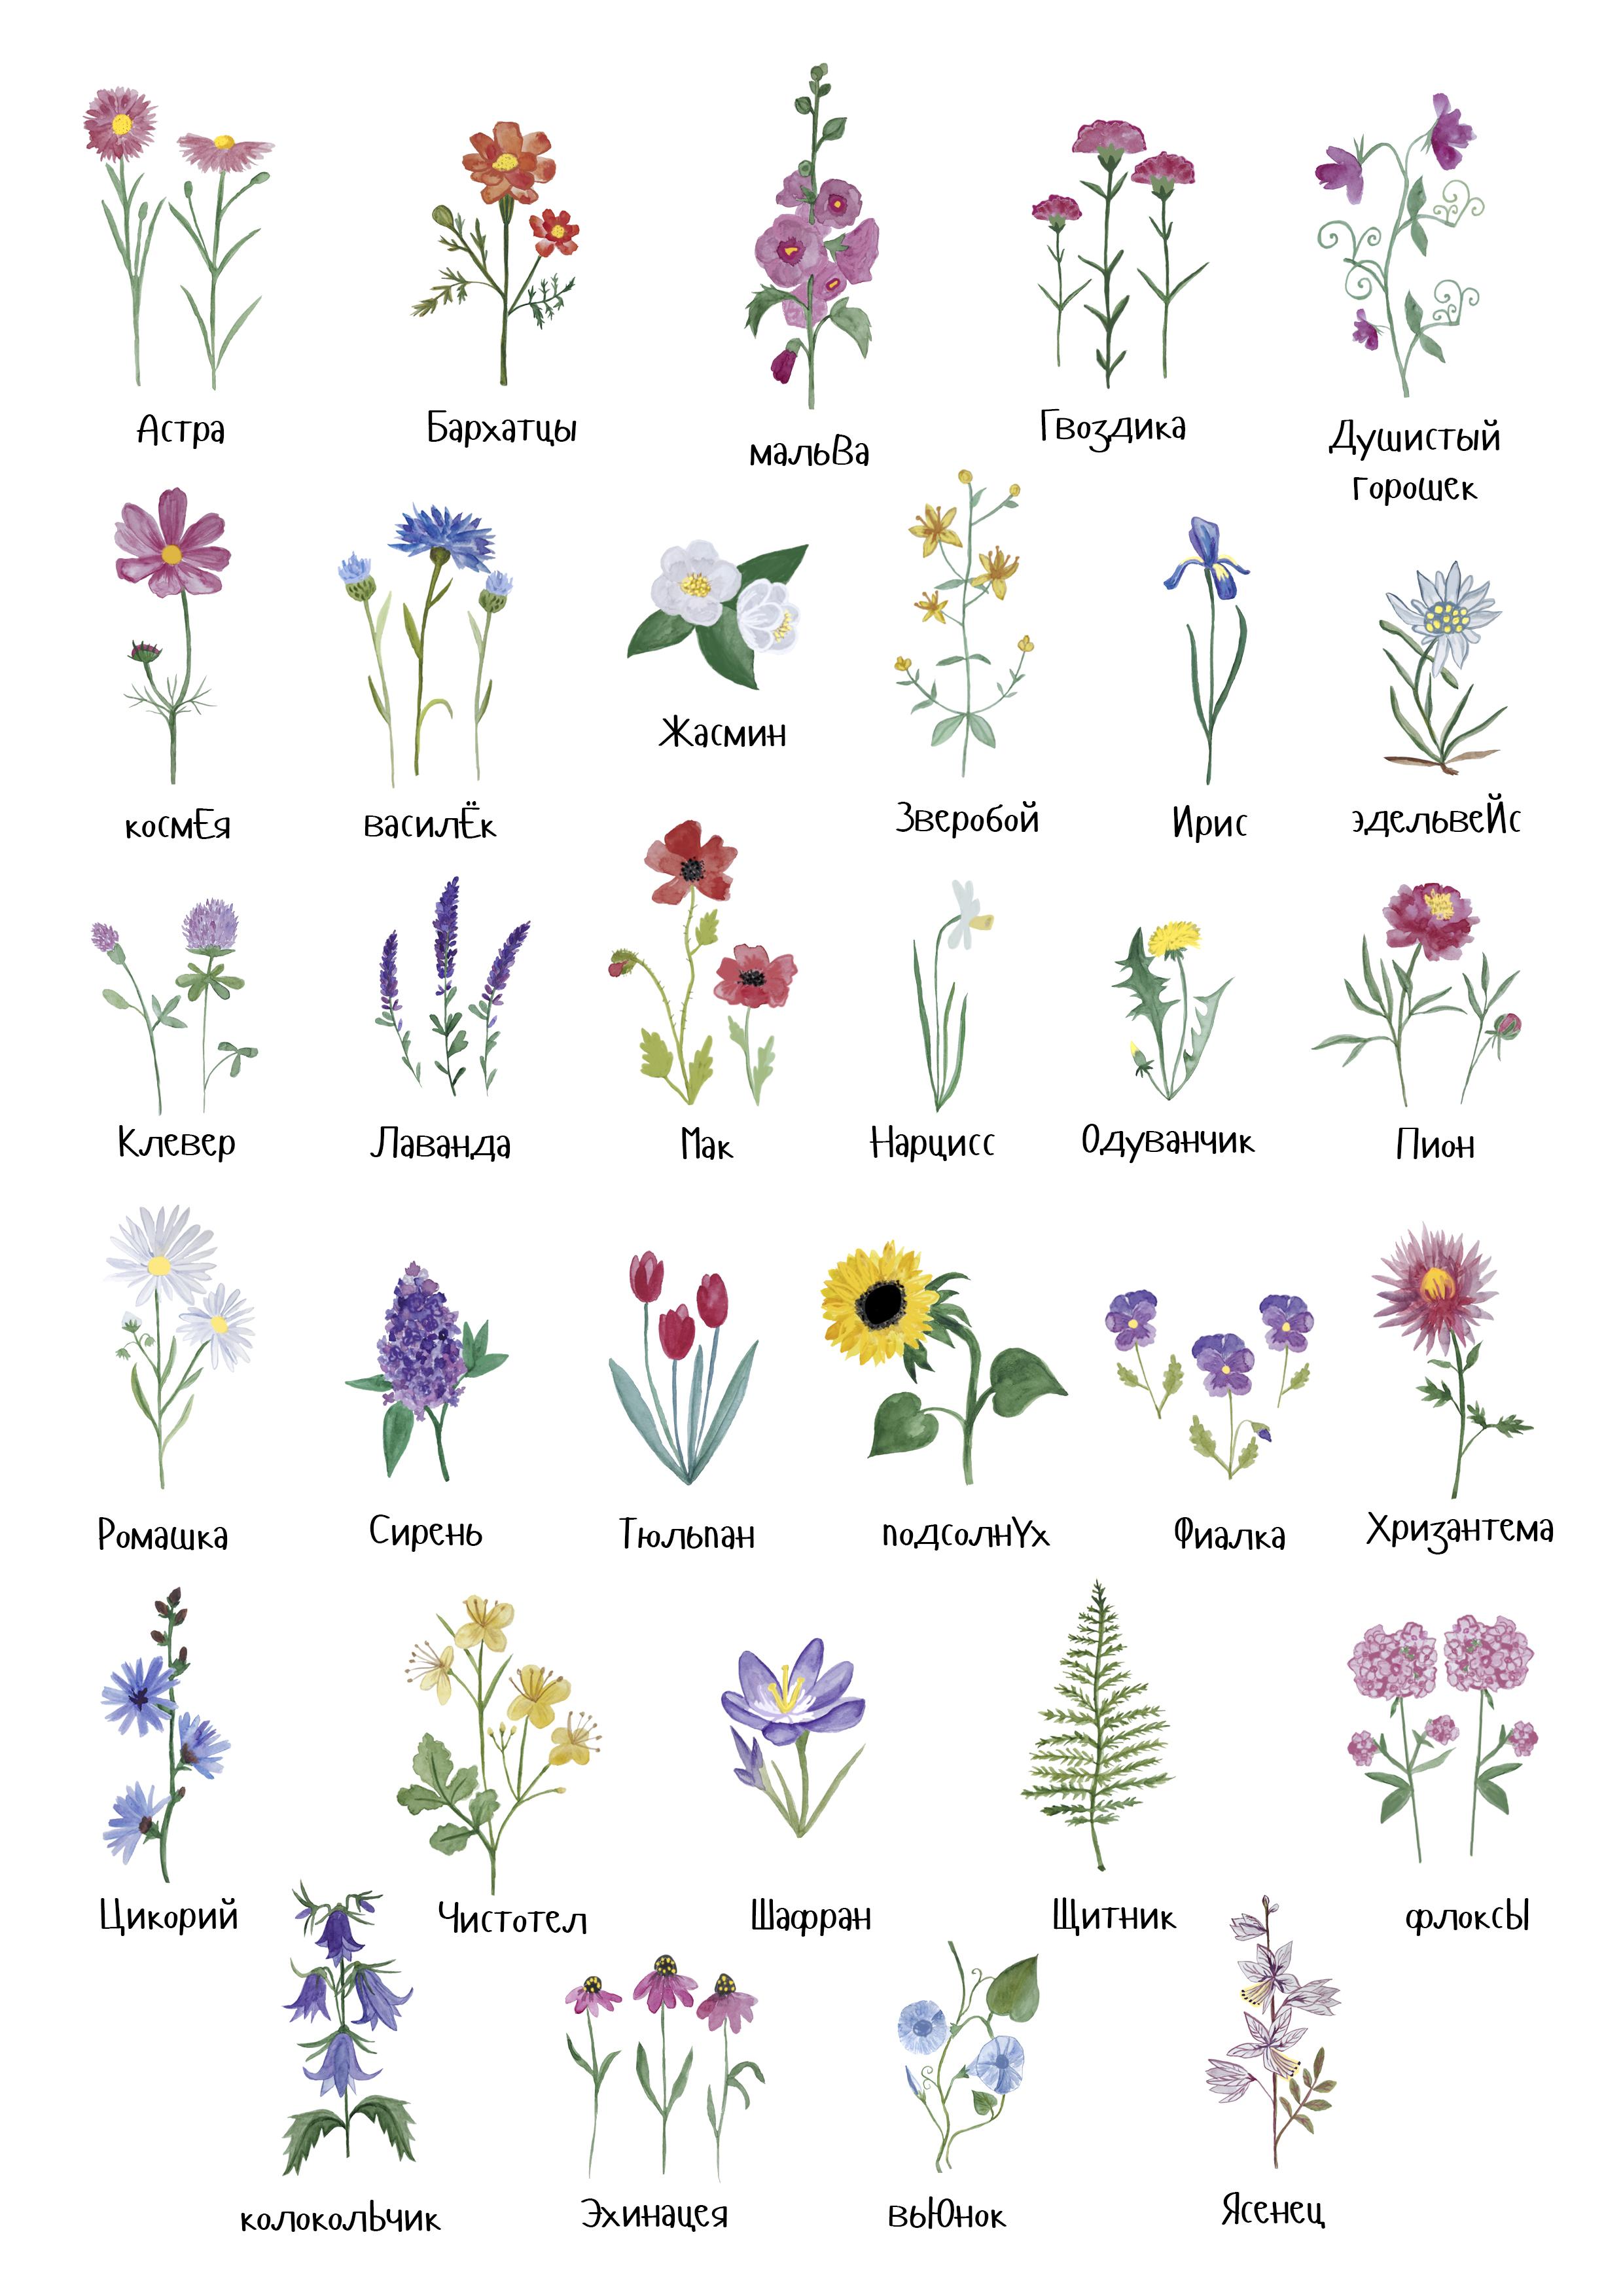 названия садовых с картинками по алфавиту определяет